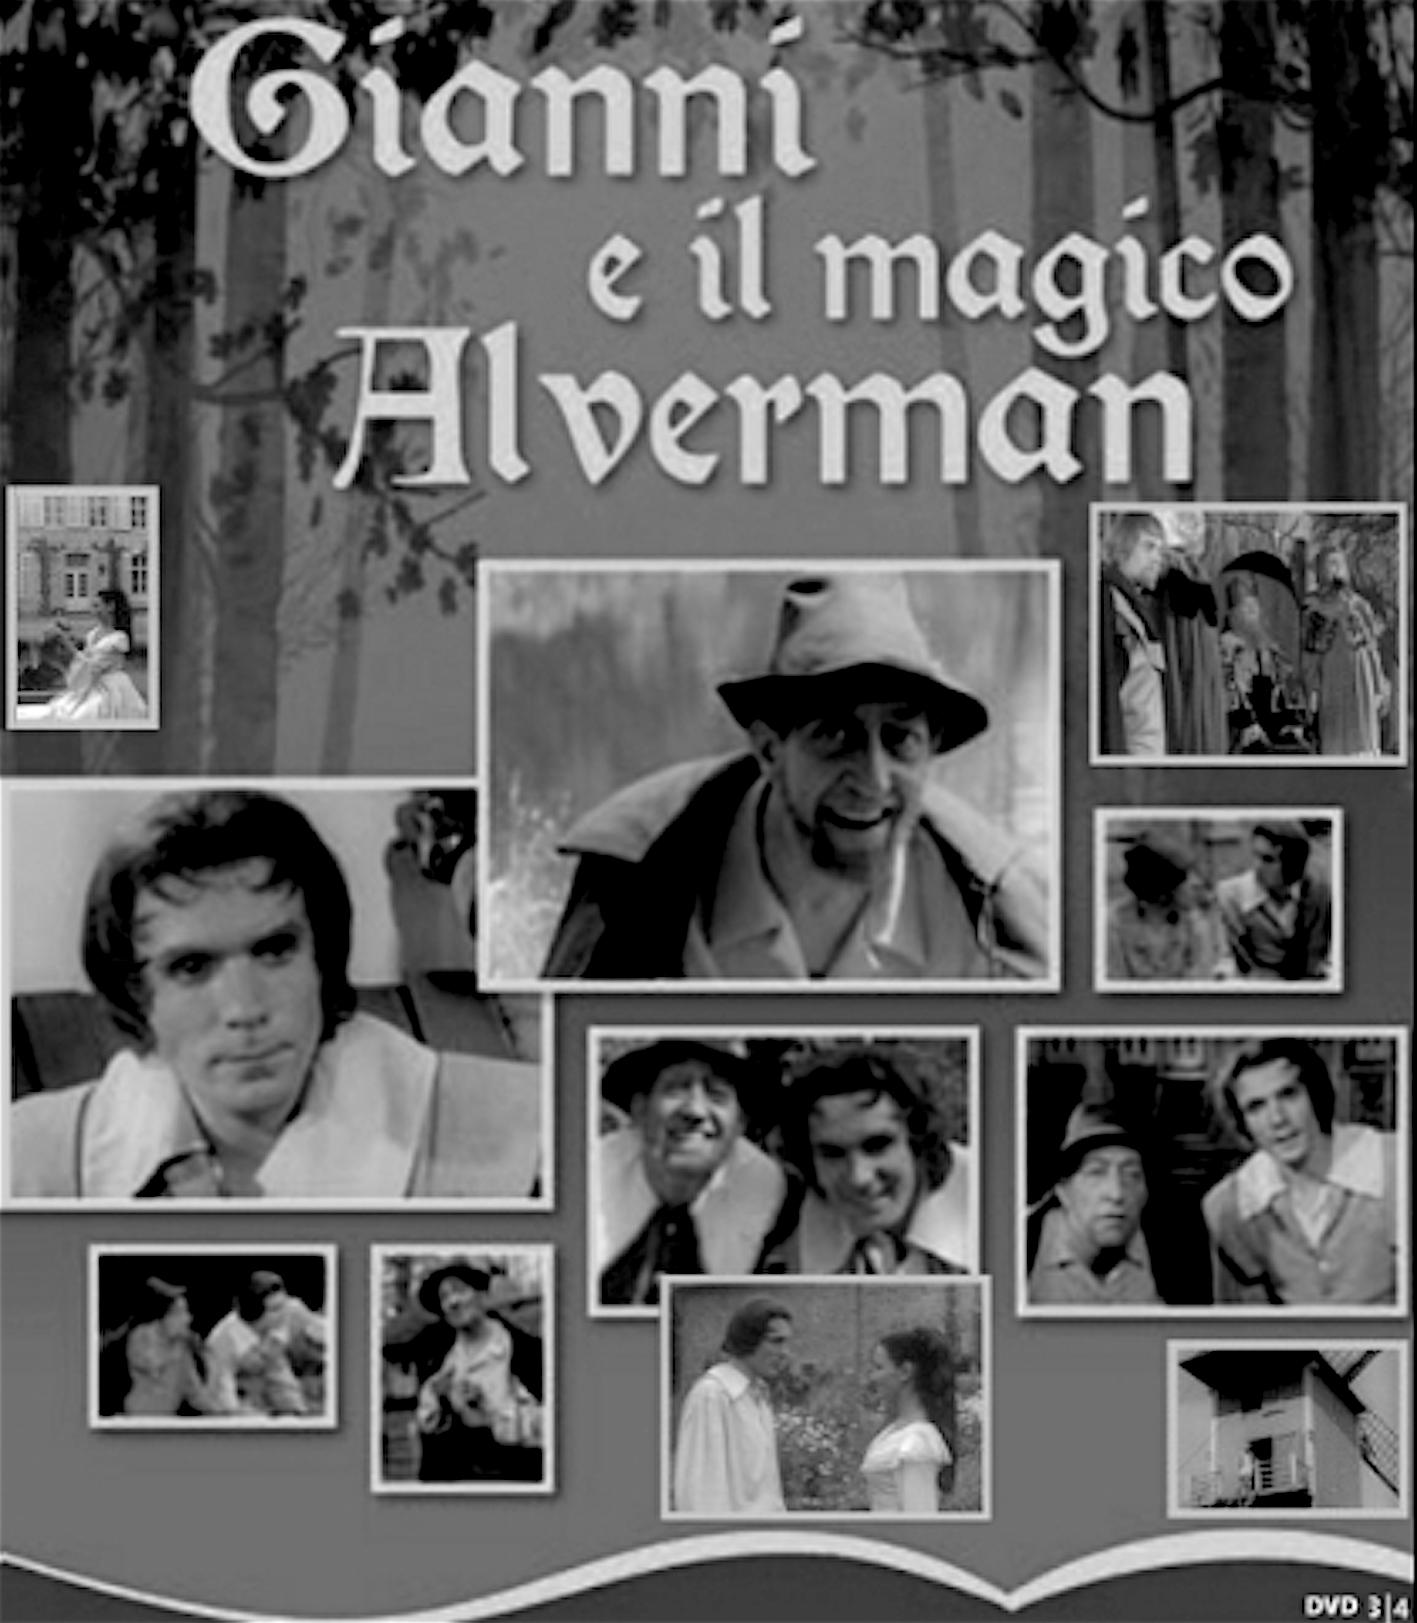 gianni e il magico alverman